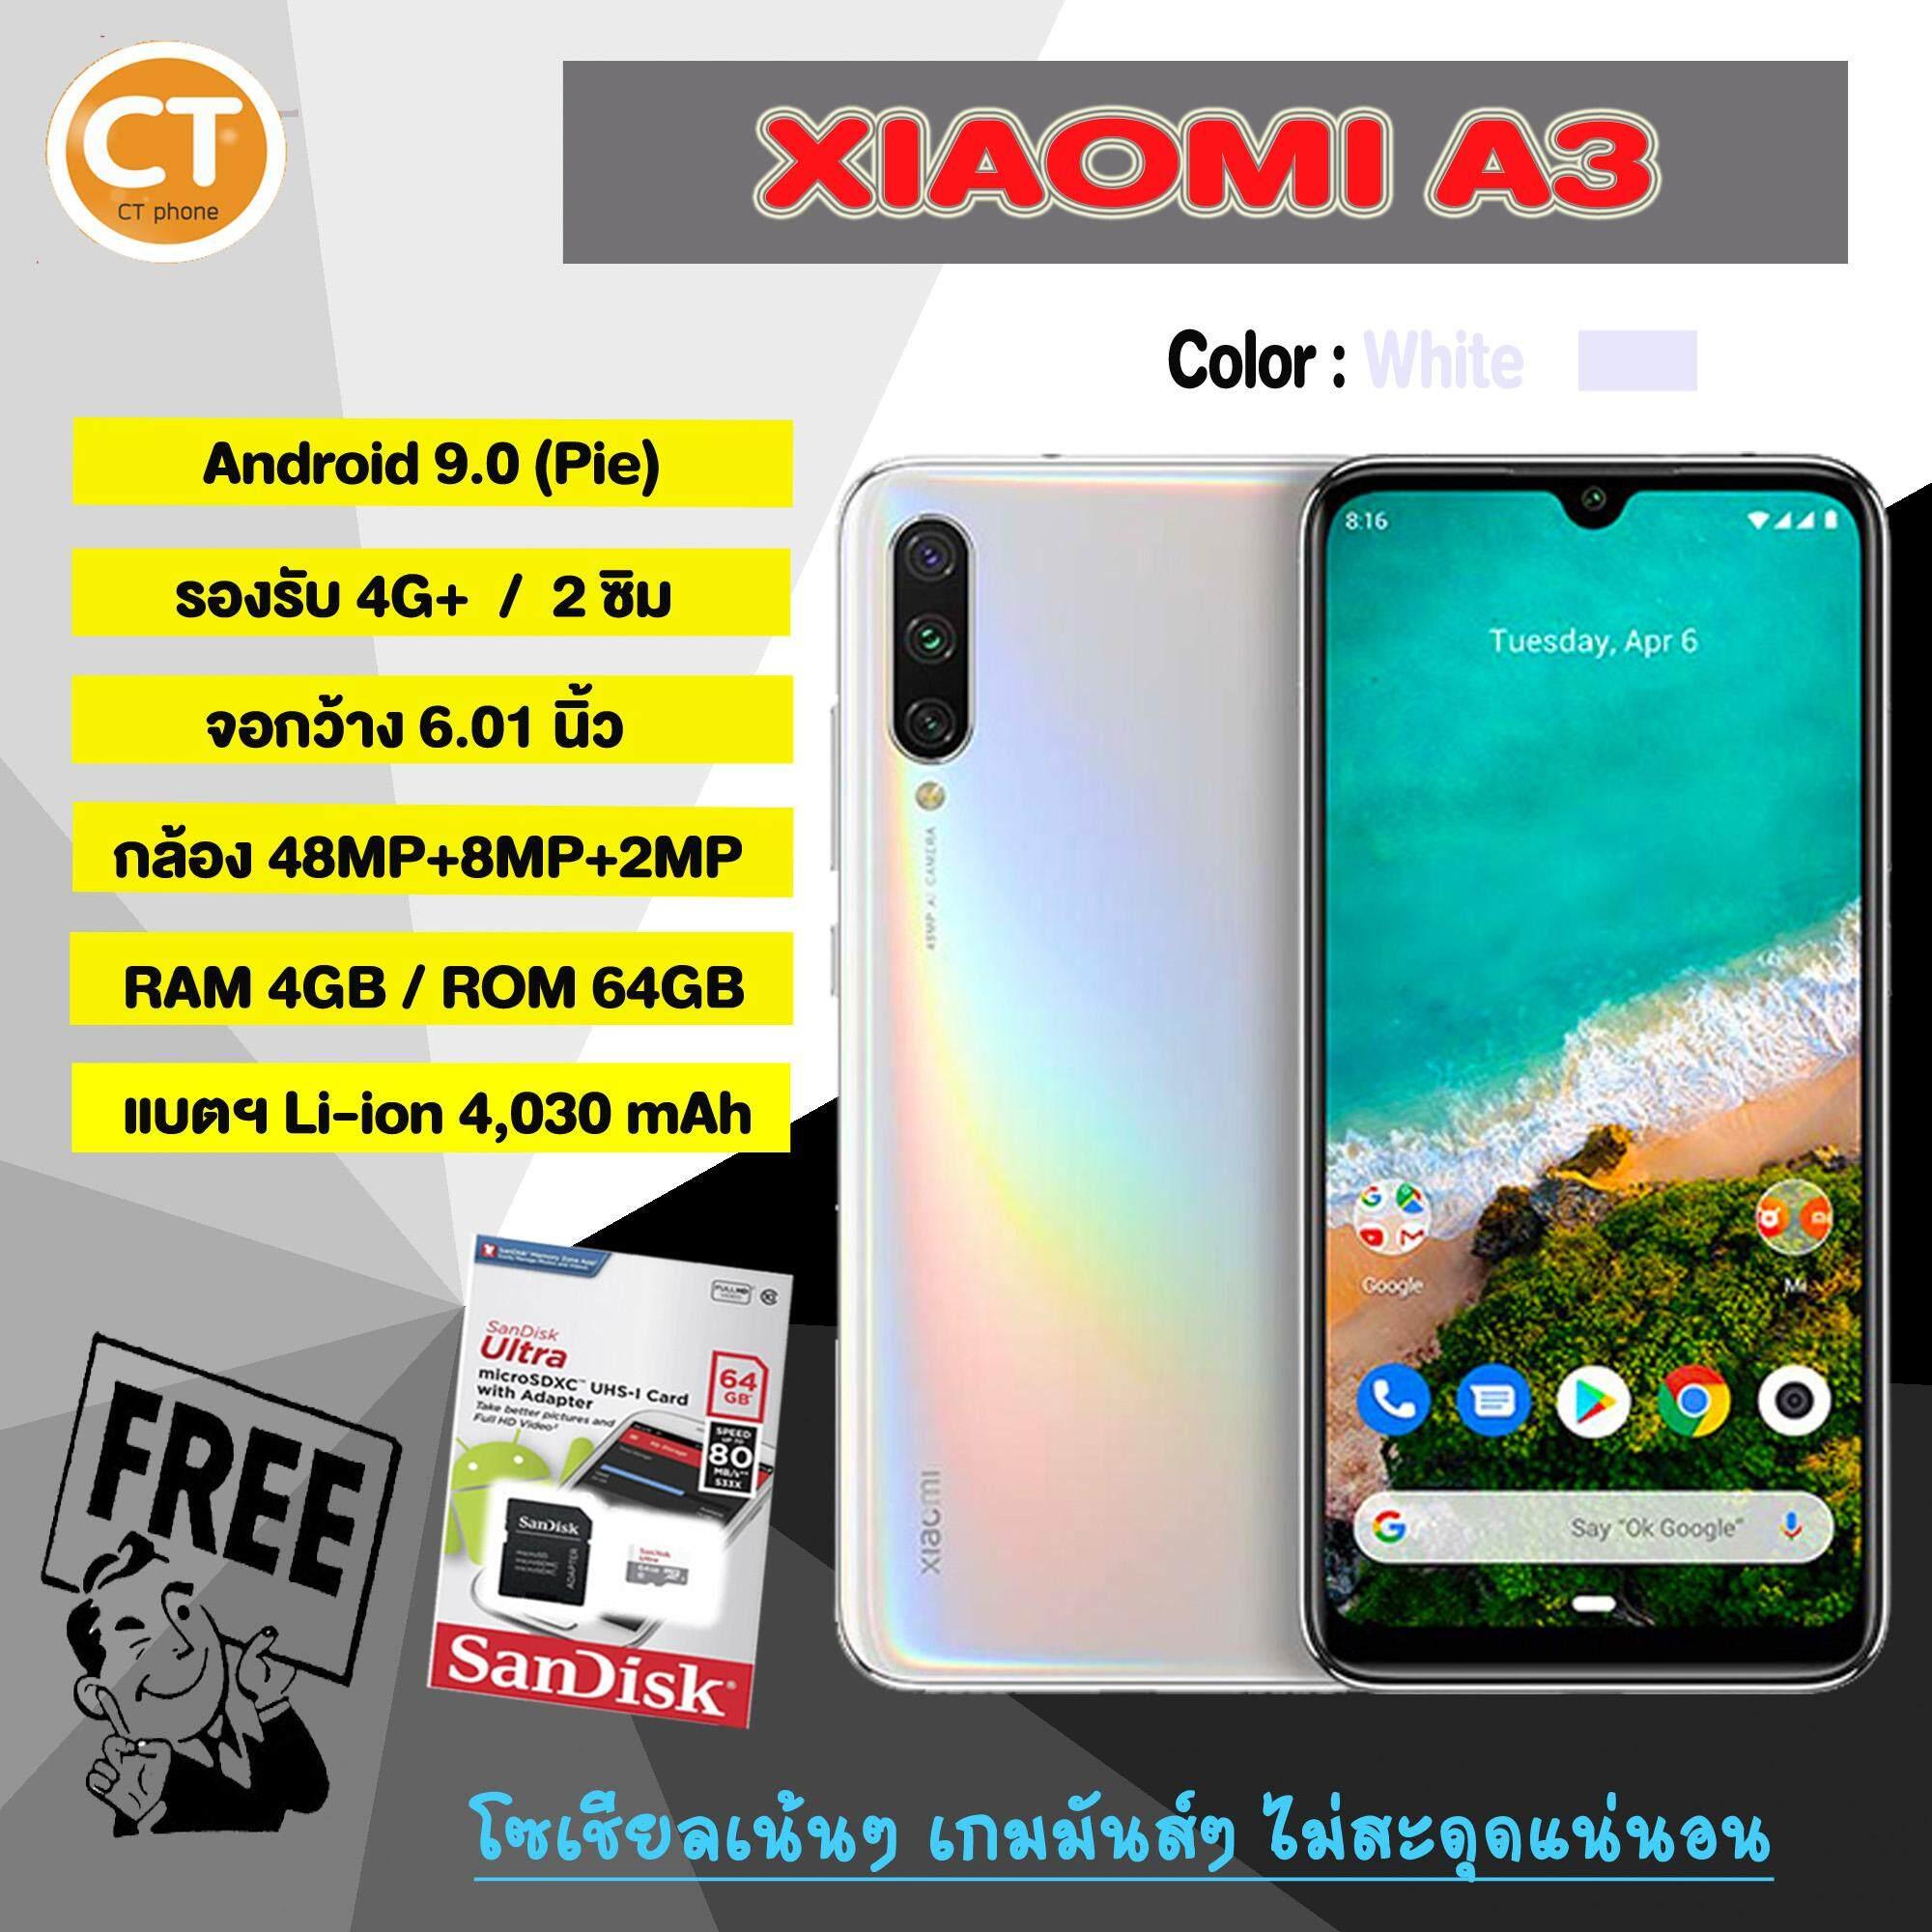 ยี่ห้อไหนดี  นครนายก Xiaomi A3 RAM 4GB / ROM 64GB แถมเคสใส+ฟิล์ม และ Sandisk 64GB